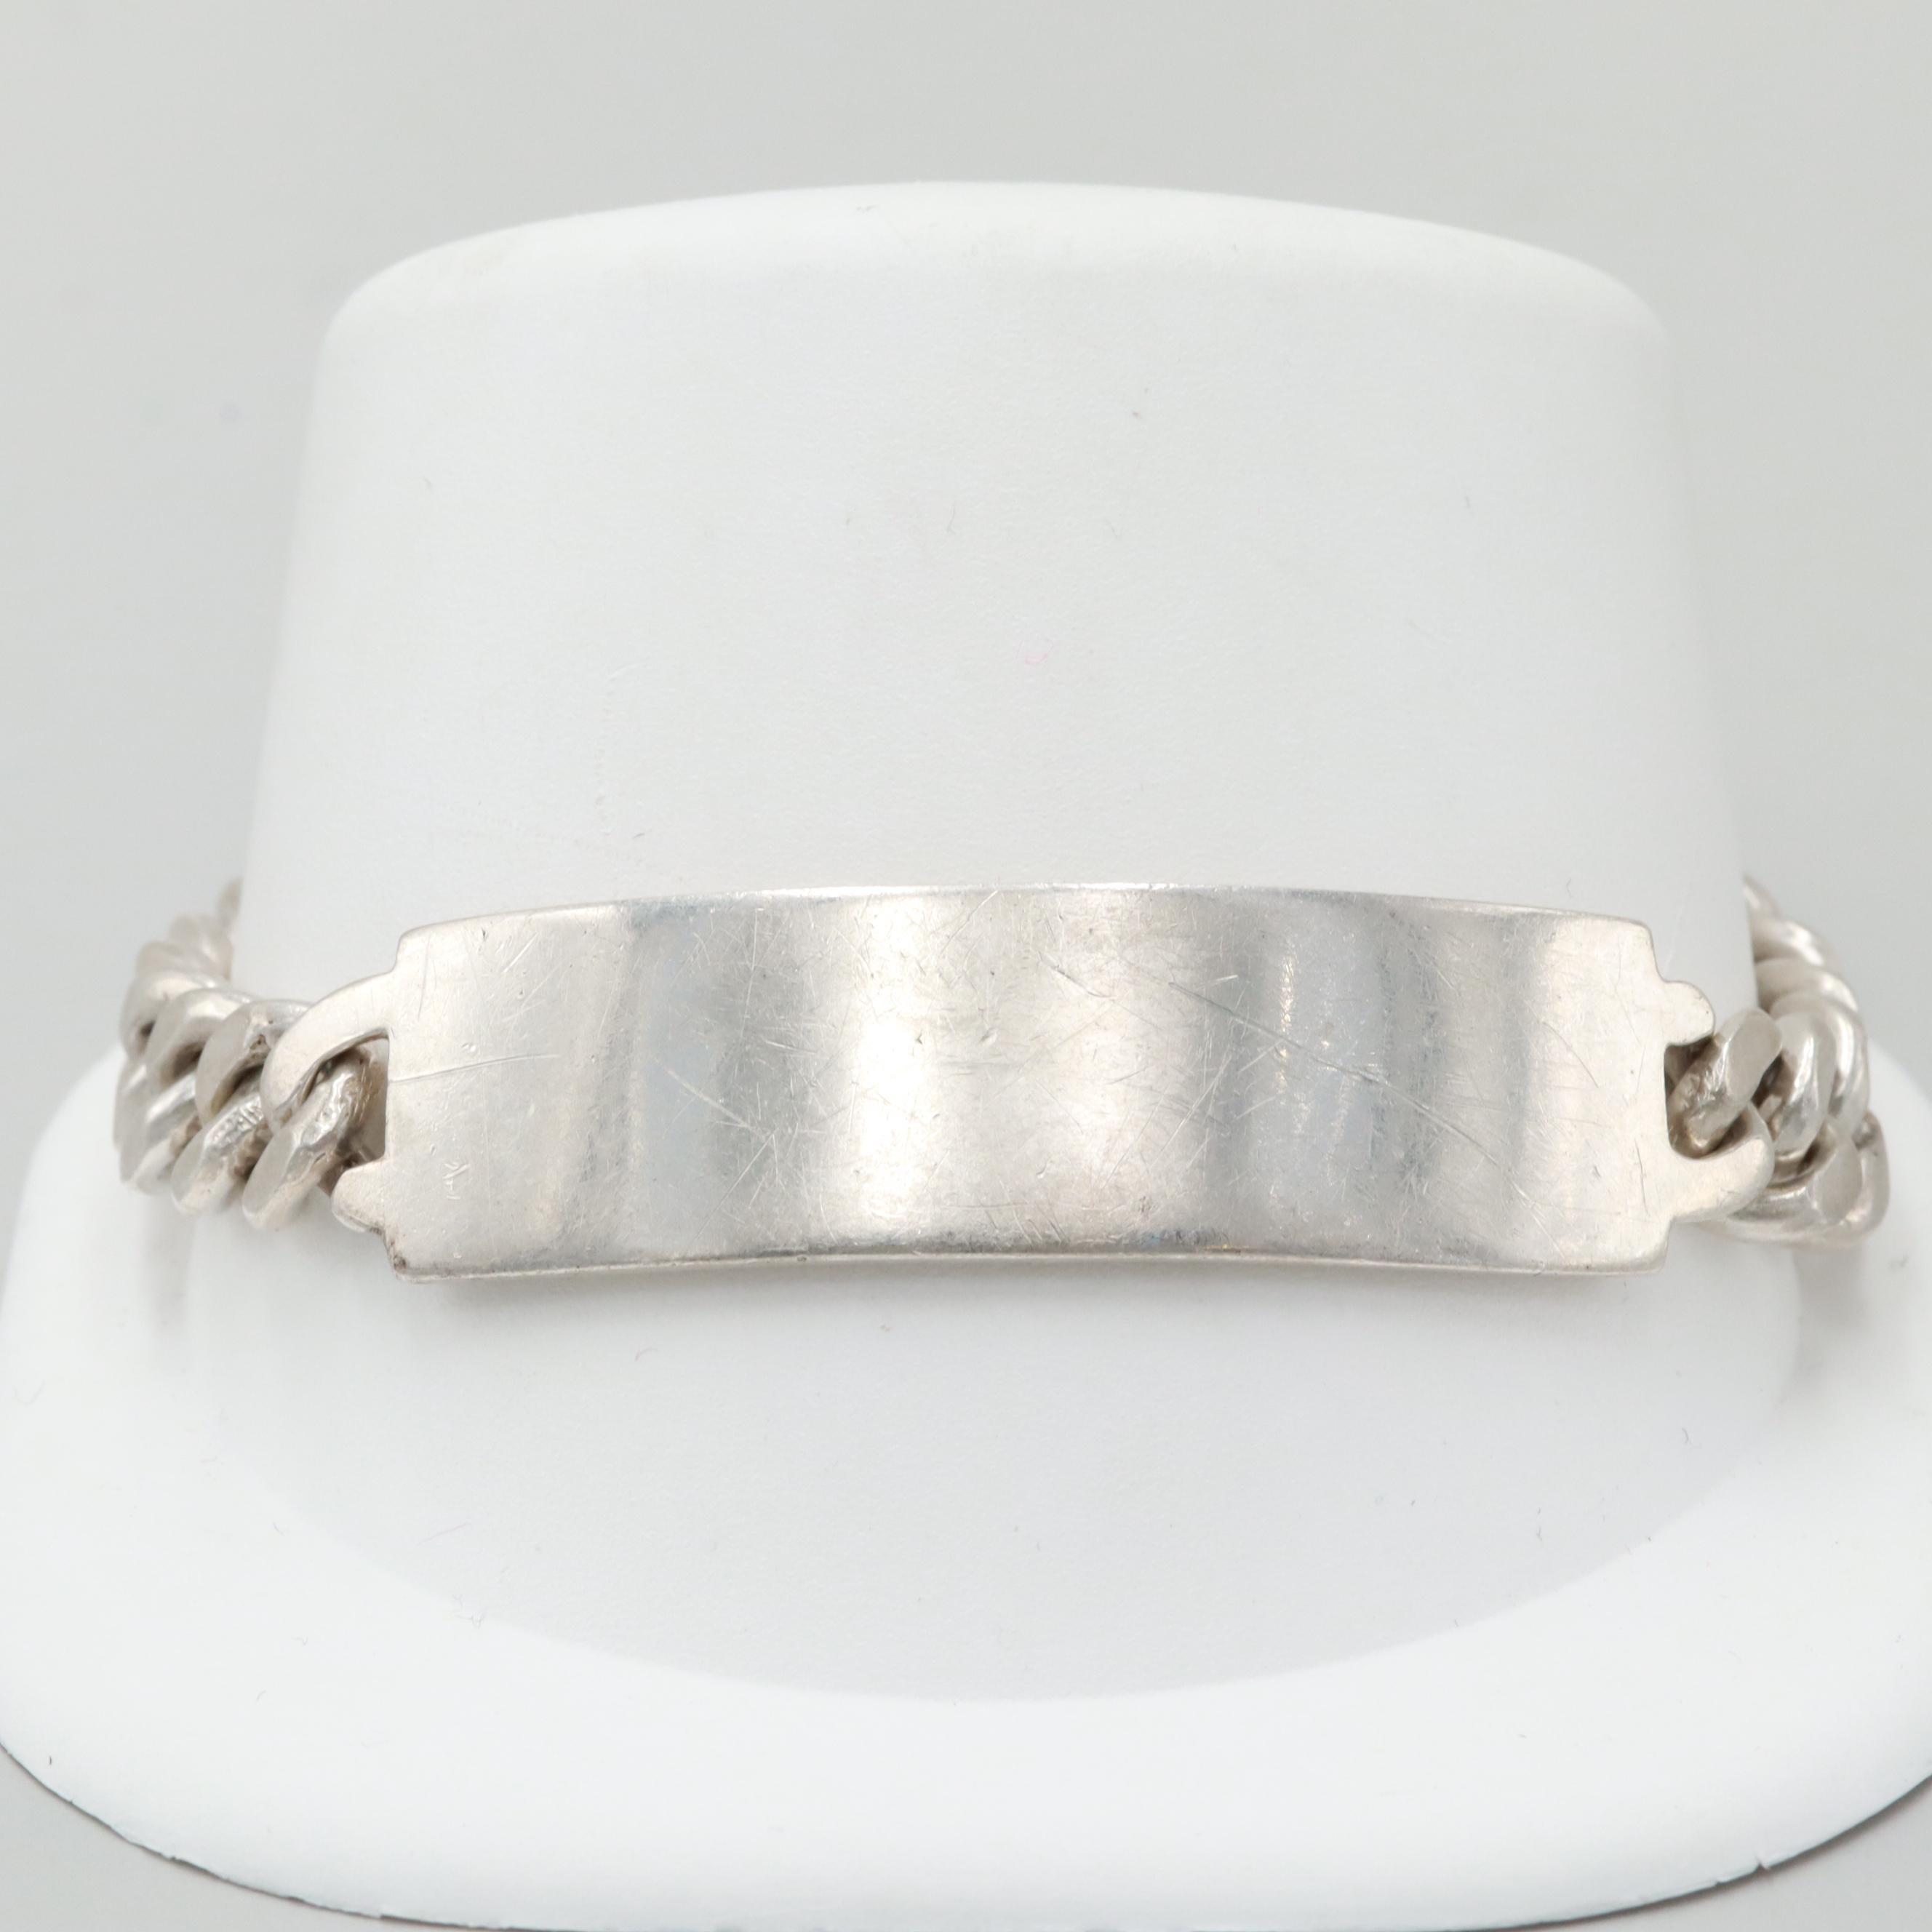 Rouben 900 Silver ID Bracelet